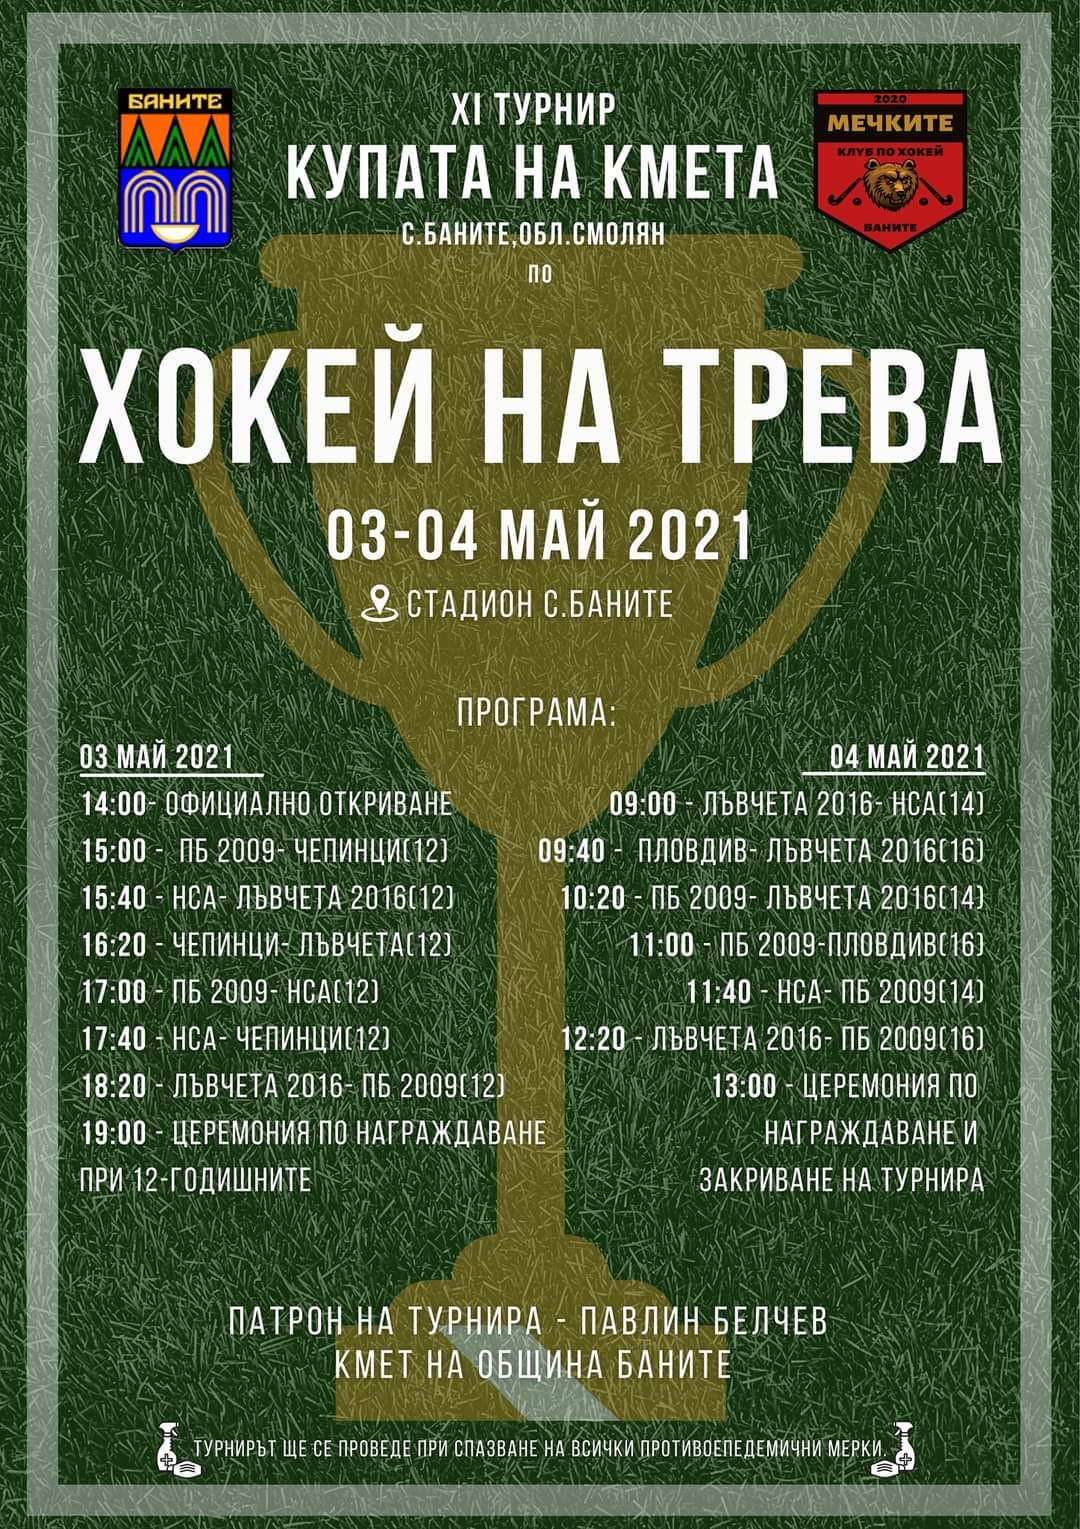 XI турнир за Купата на кмета на с. Баните